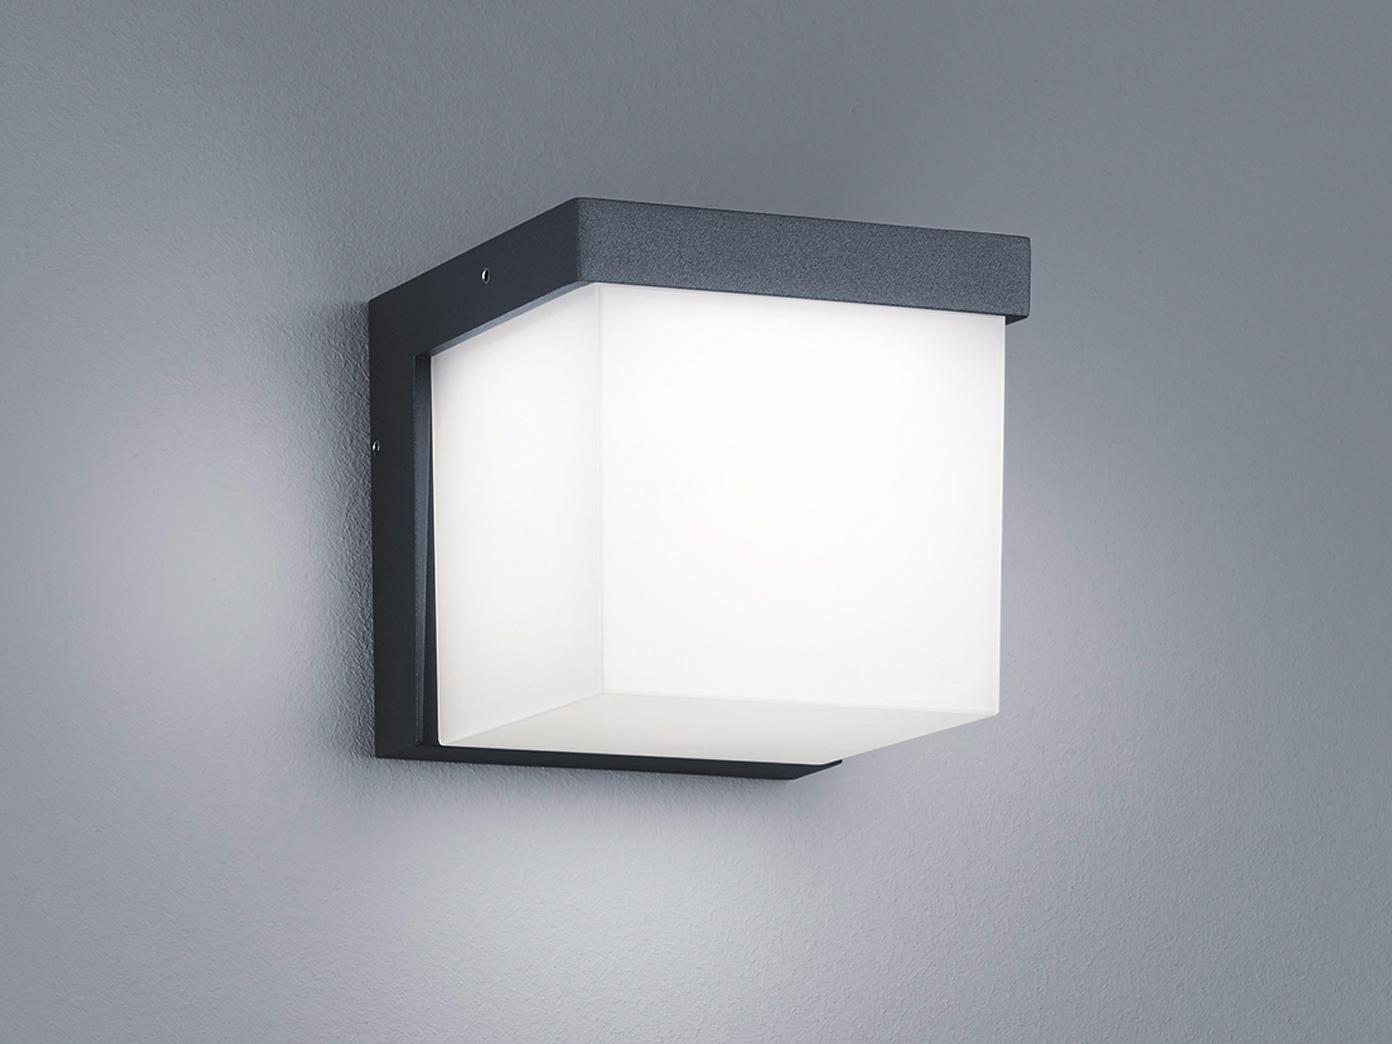 Design Außenleuchten led außenwandleuchte terrassenbeleuchtung wand design würfel